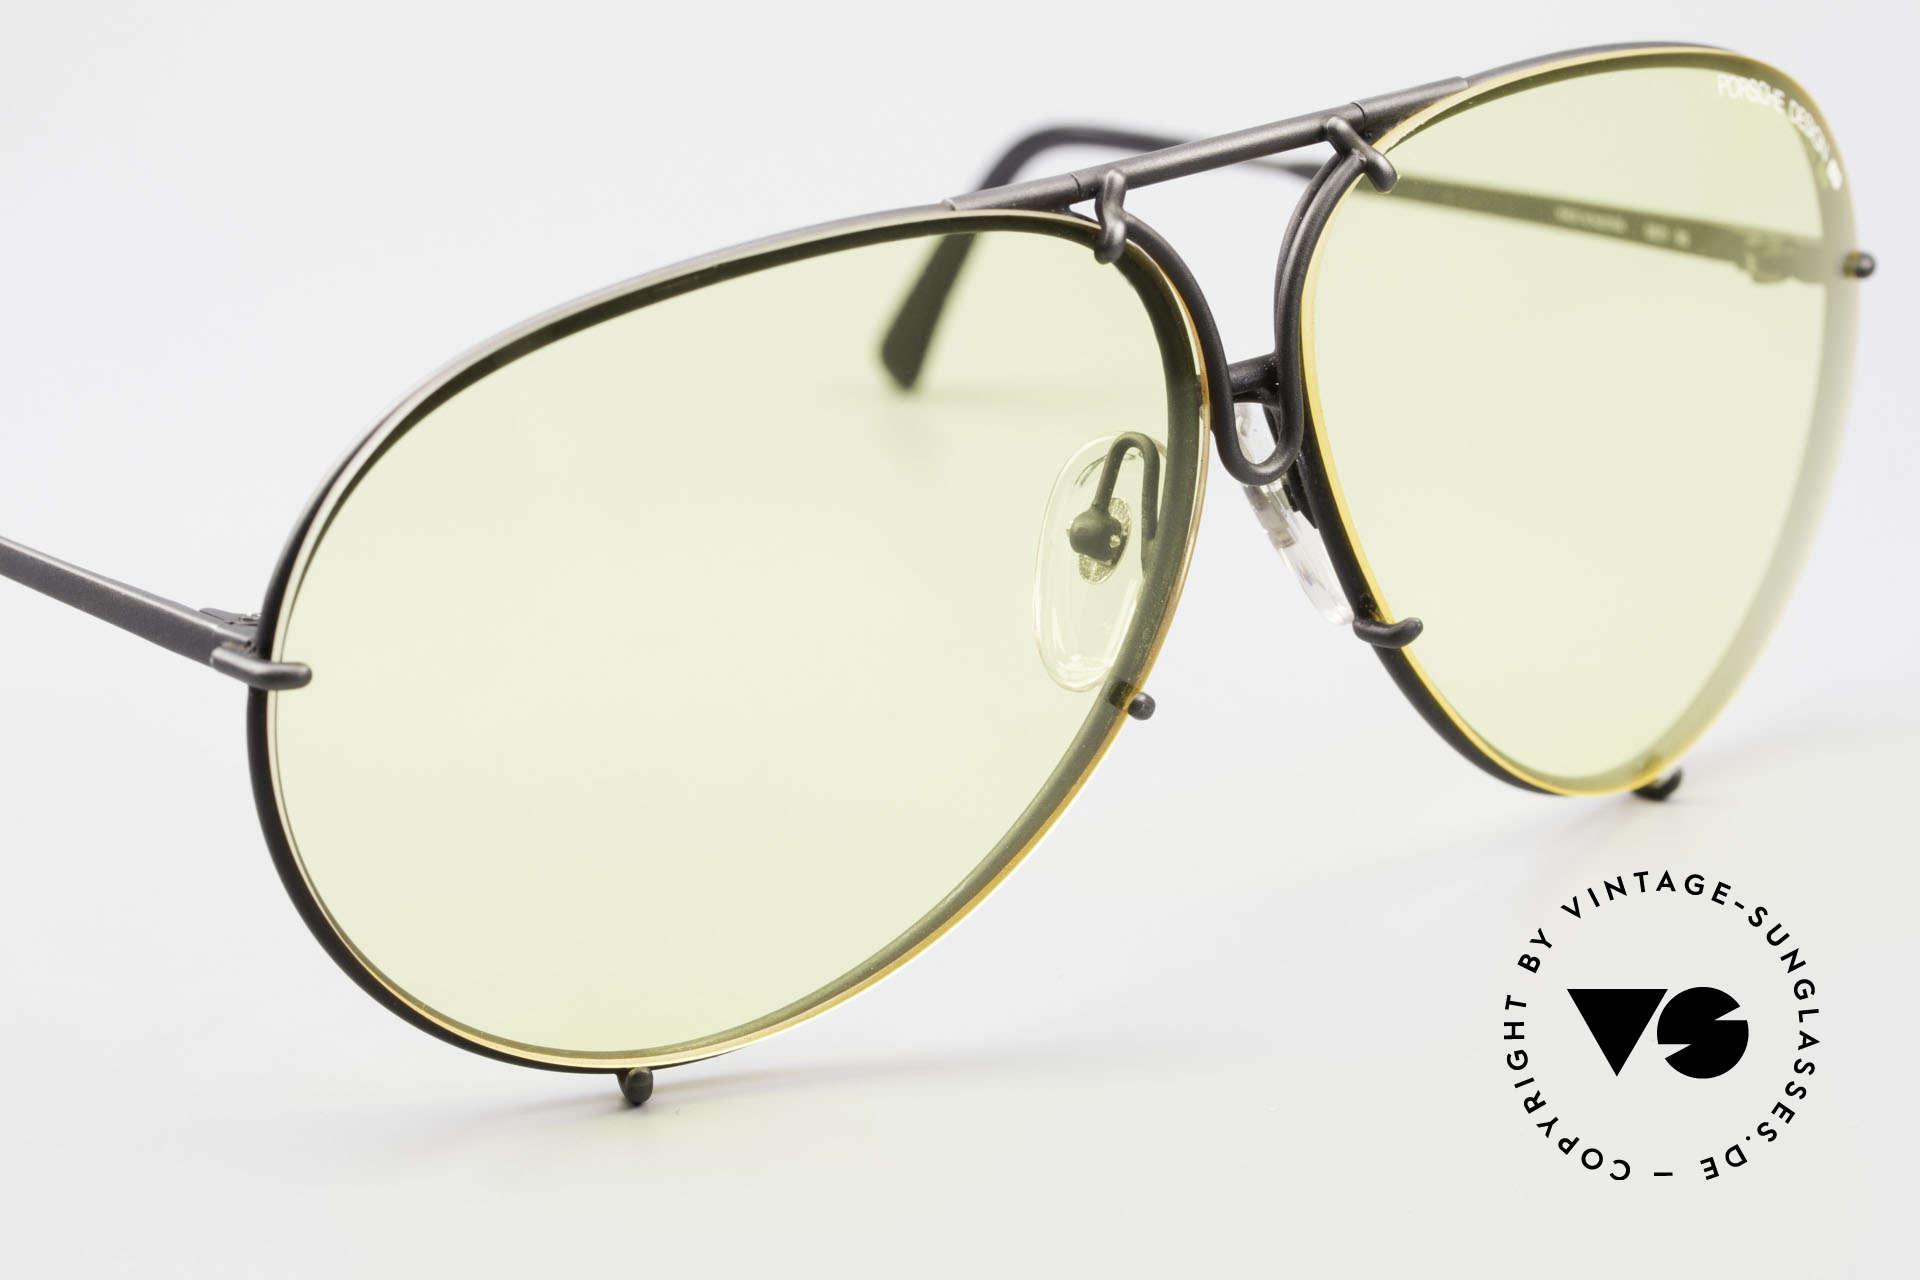 Porsche 5621 Gelbe Gläser Kalichrome 80er, ungetragene 80er Rarität und KEINE RETRO-Brille!, Passend für Herren